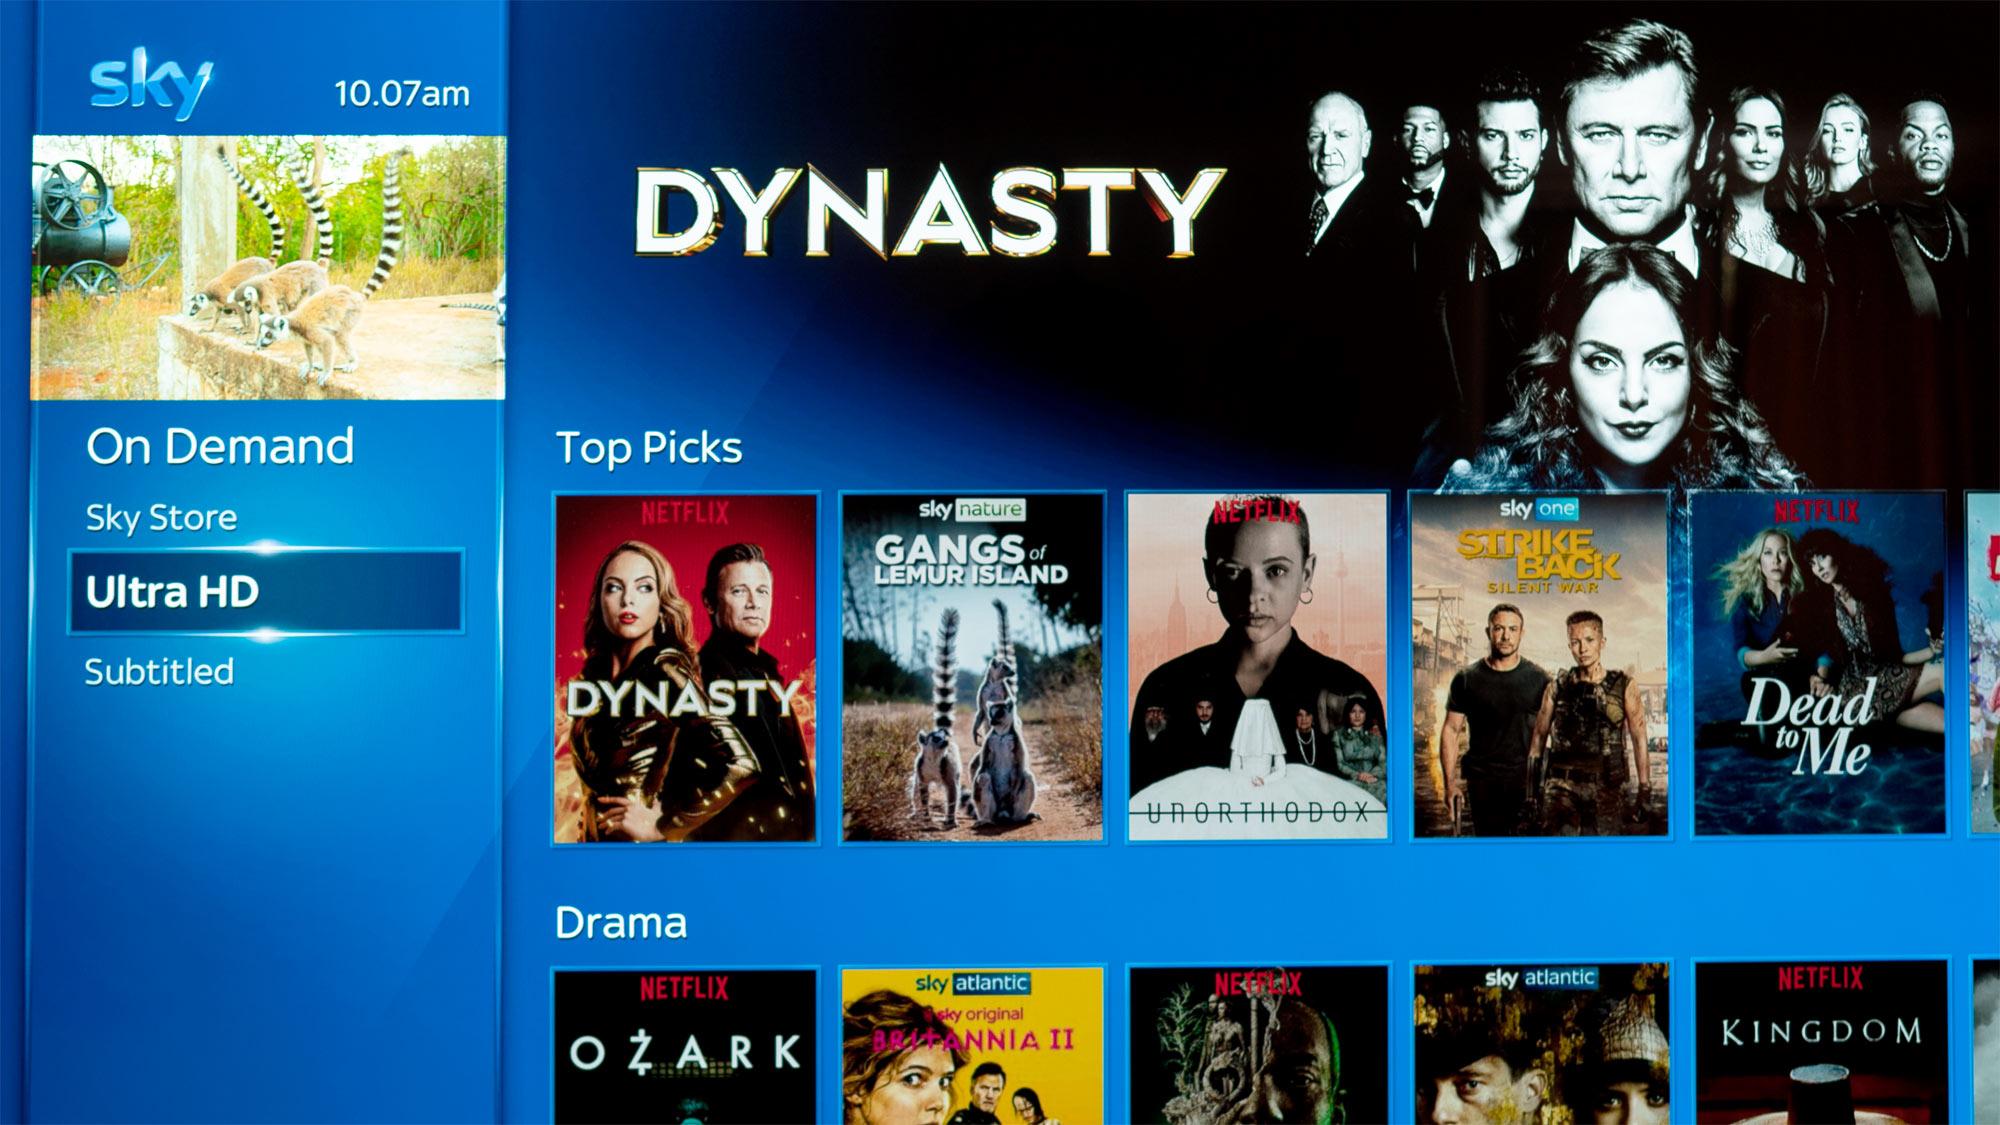 Screenshot of Sky menu